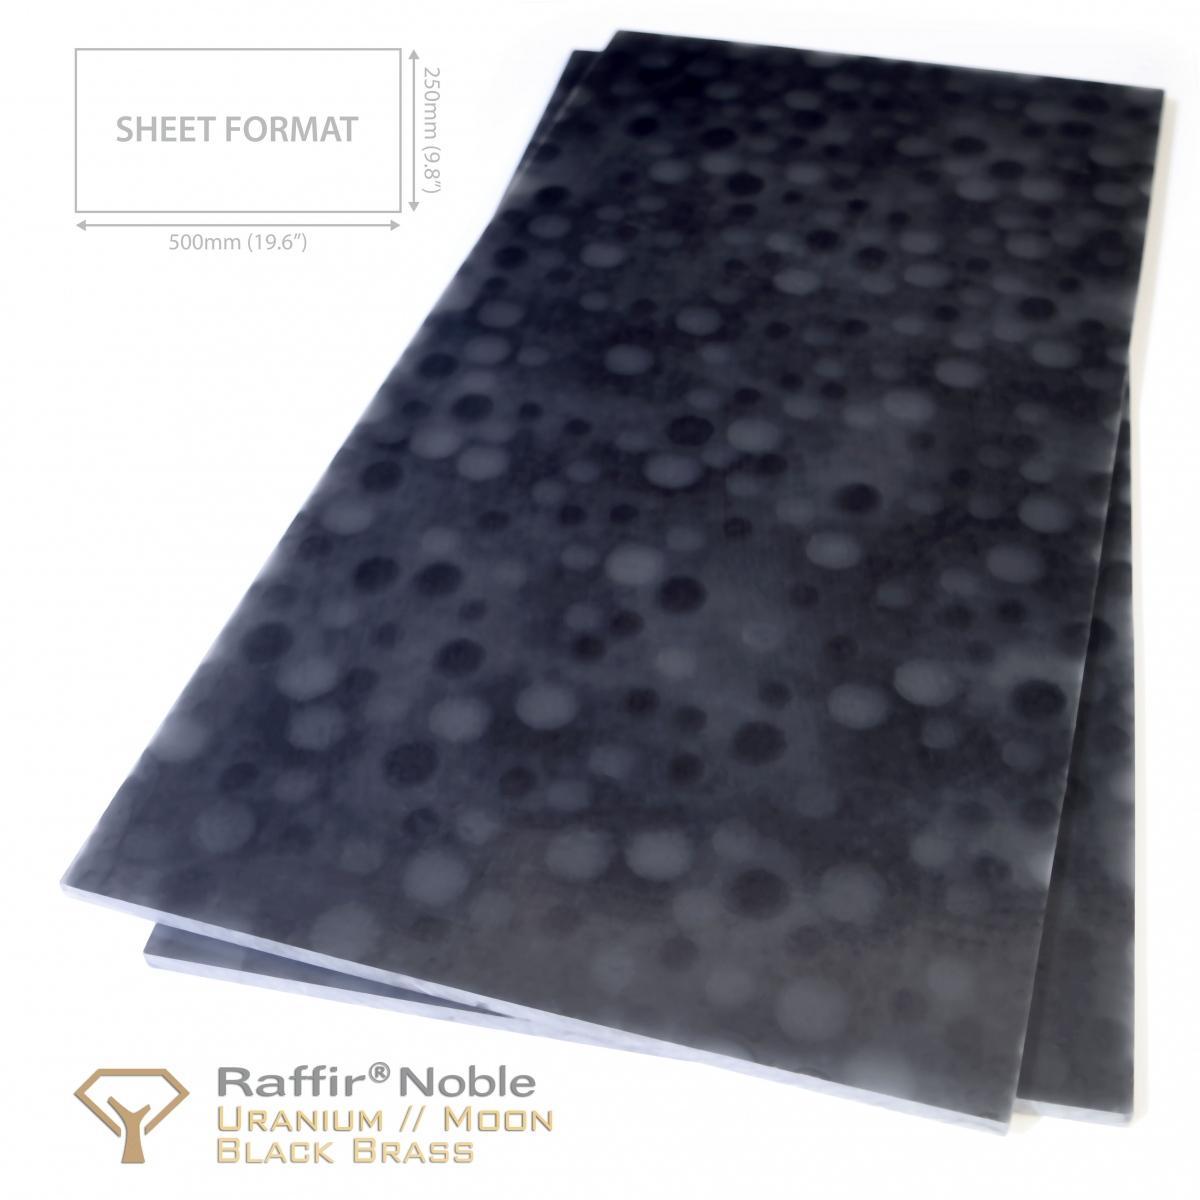 Raffir Noble - SFX - Uranium - Moon